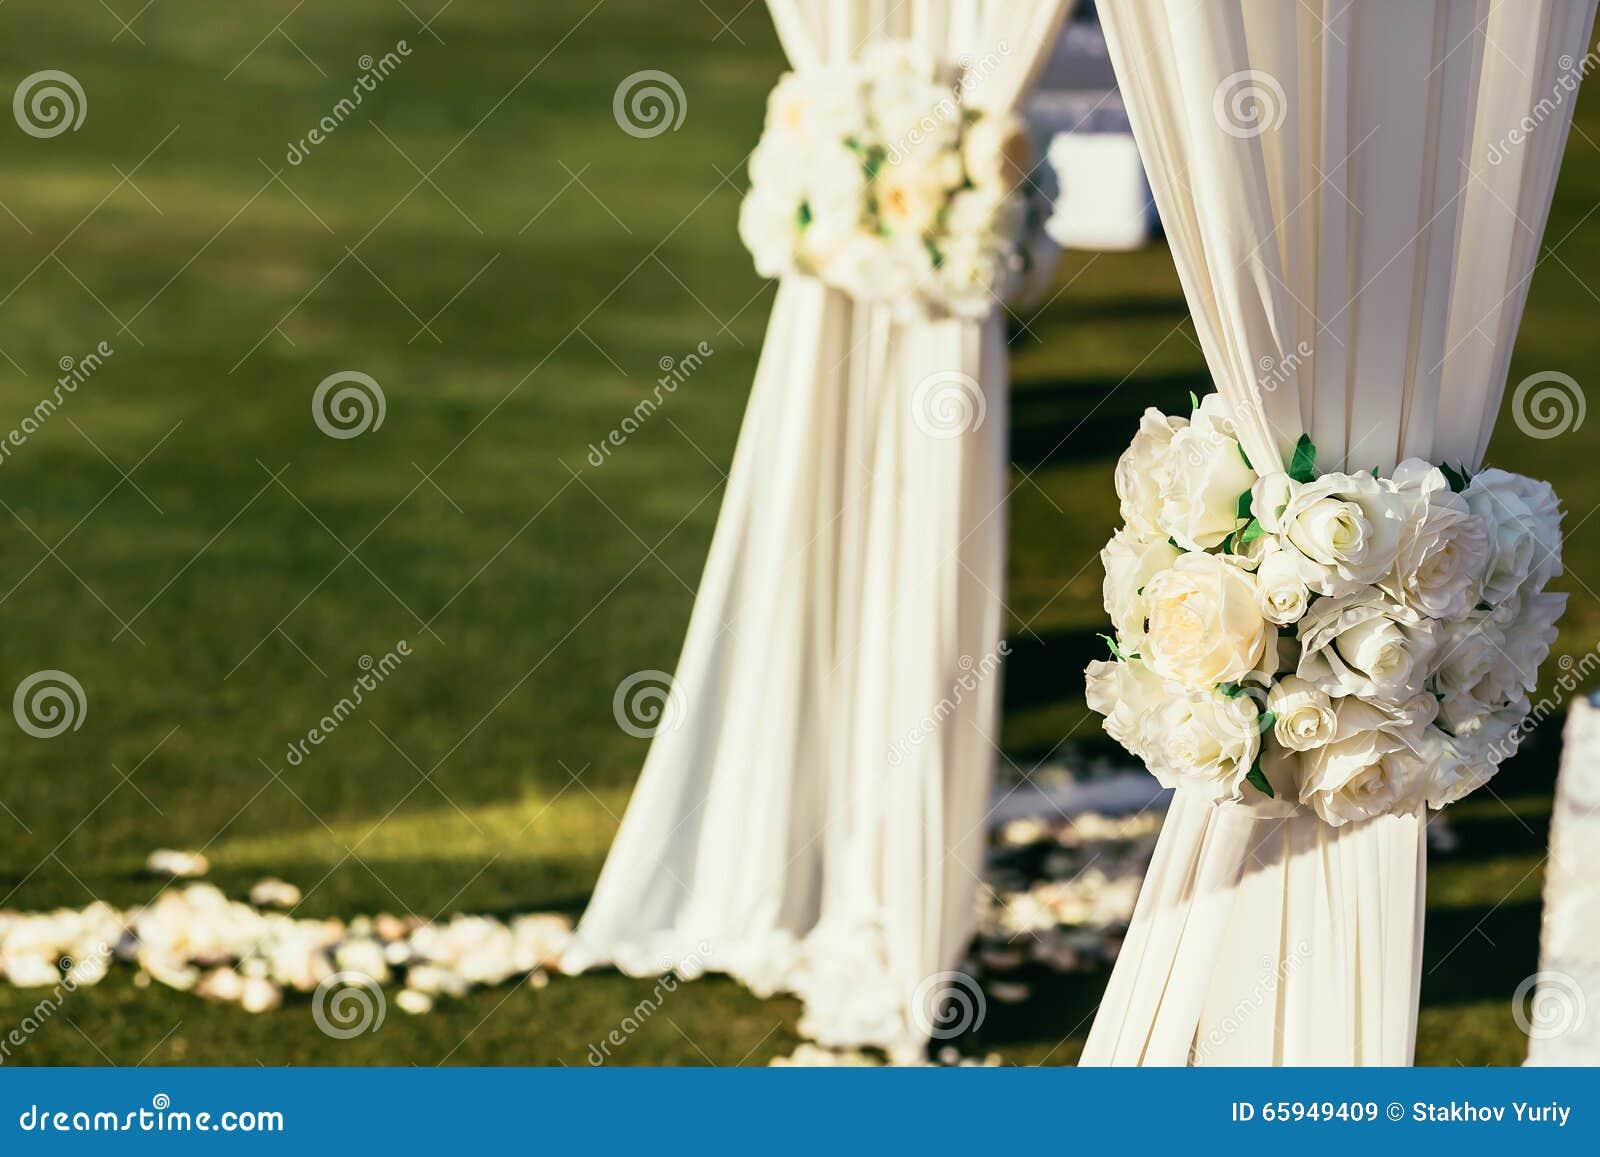 Witte huwelijksboog met bloemen op zonnige dag in ceremonieplaats